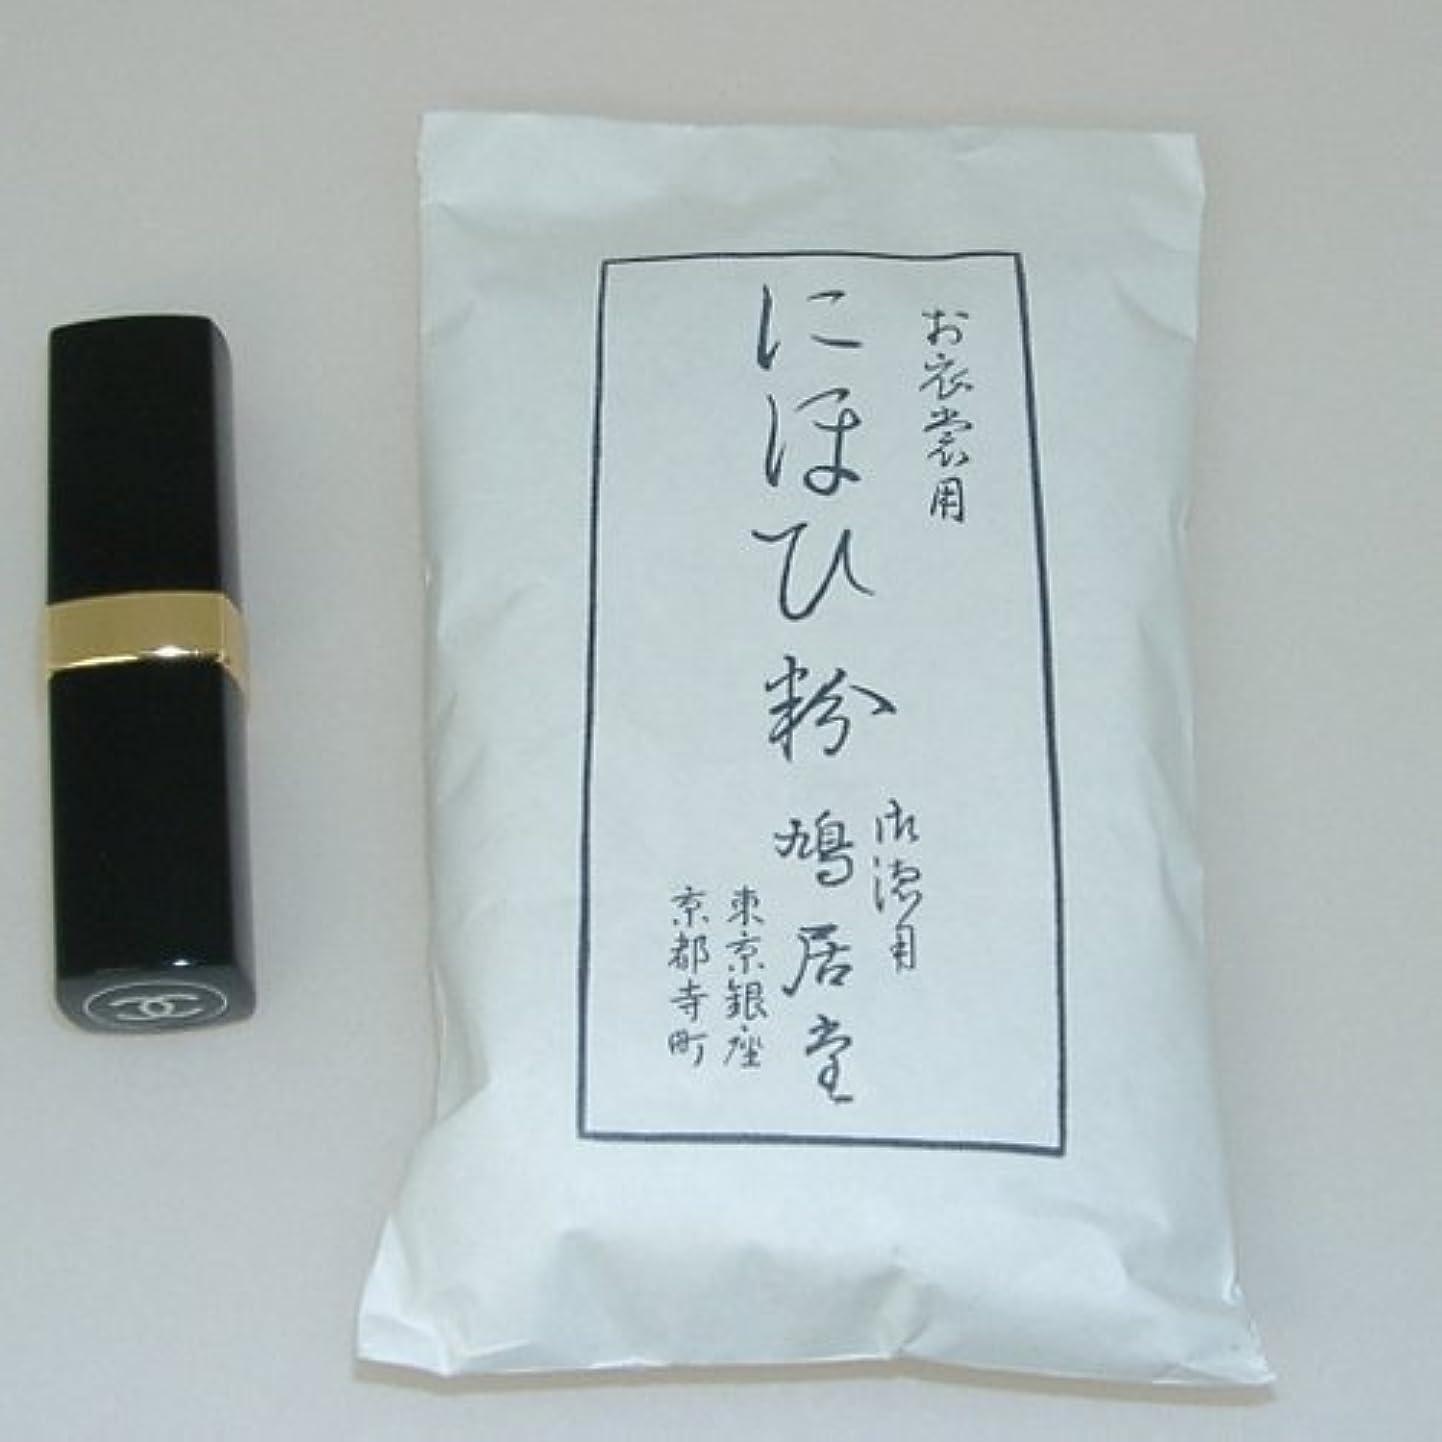 罹患率ケイ素必要ない鳩居堂 にほひ袋 詰め替え用 徳用匂粉(大) 鳩613